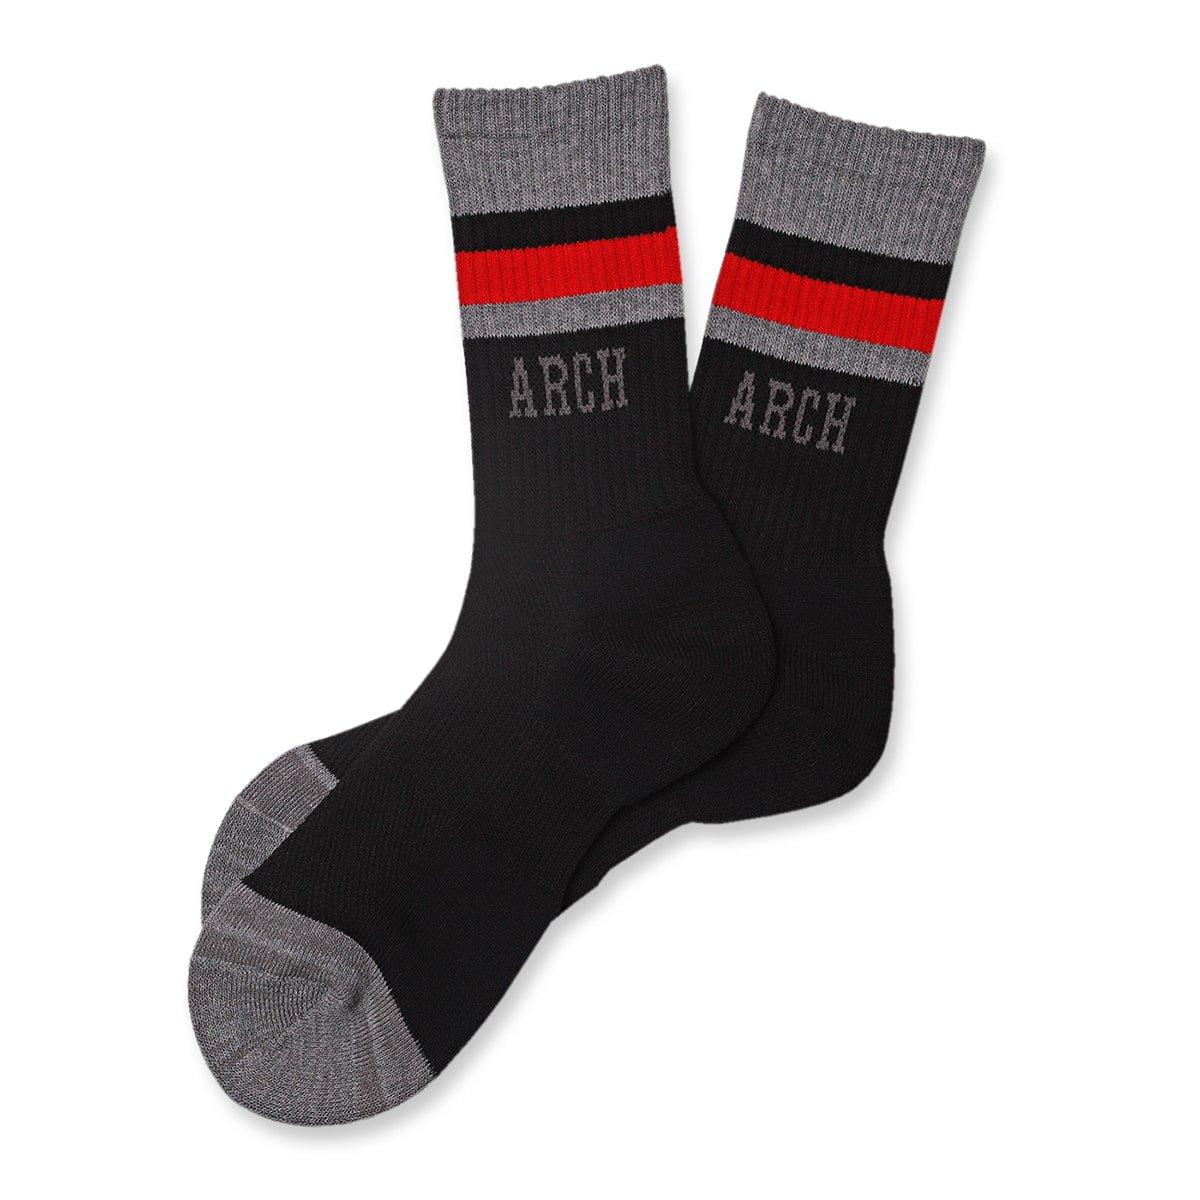 TL sport crew mid. socks【black/heather gray】